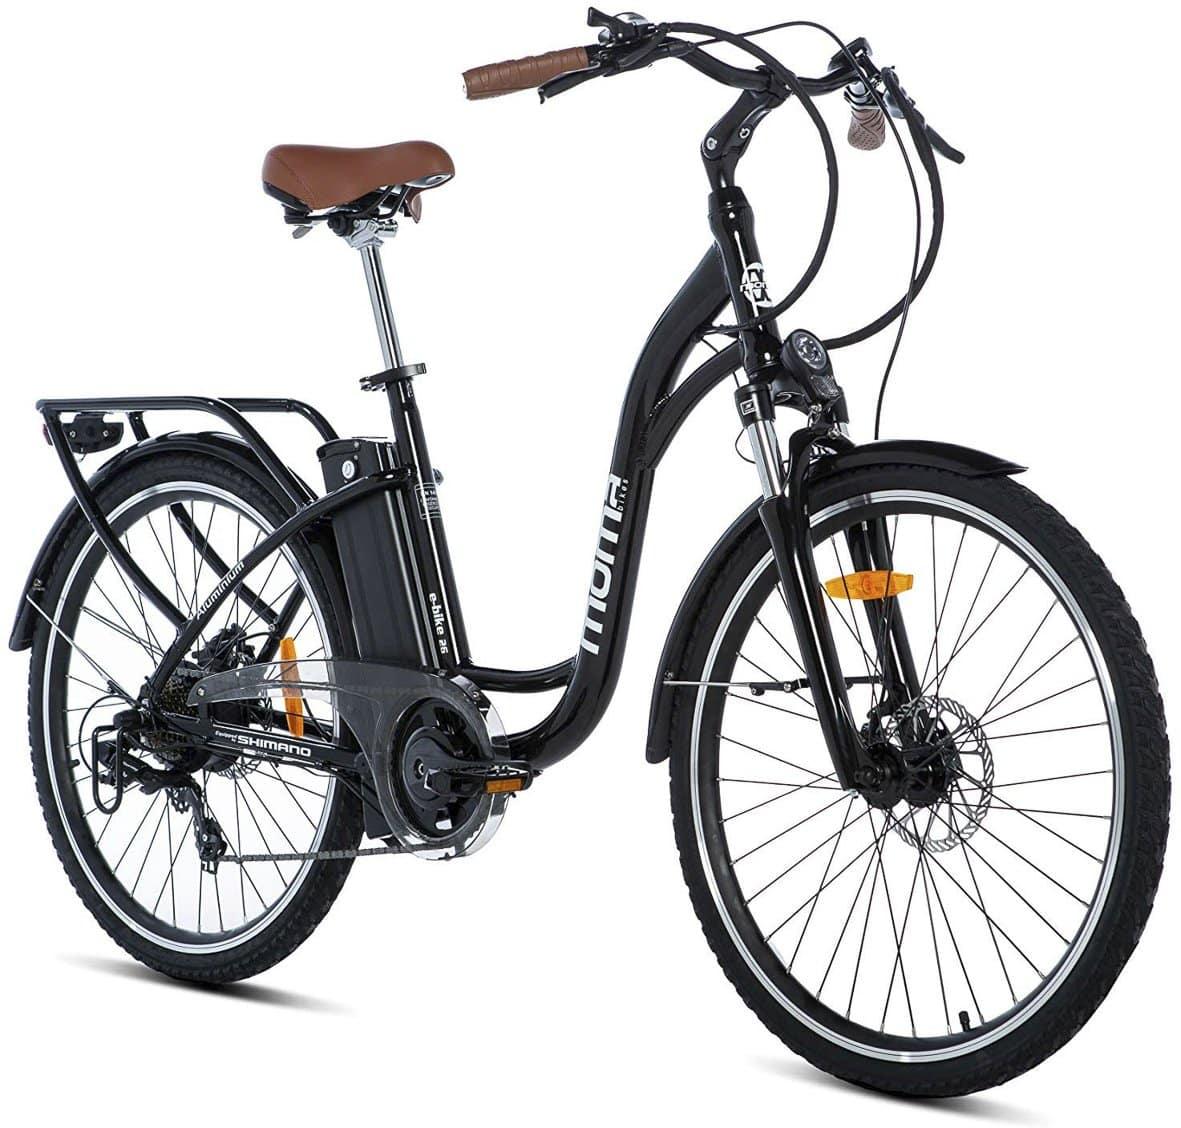 Moma bikes 20.06